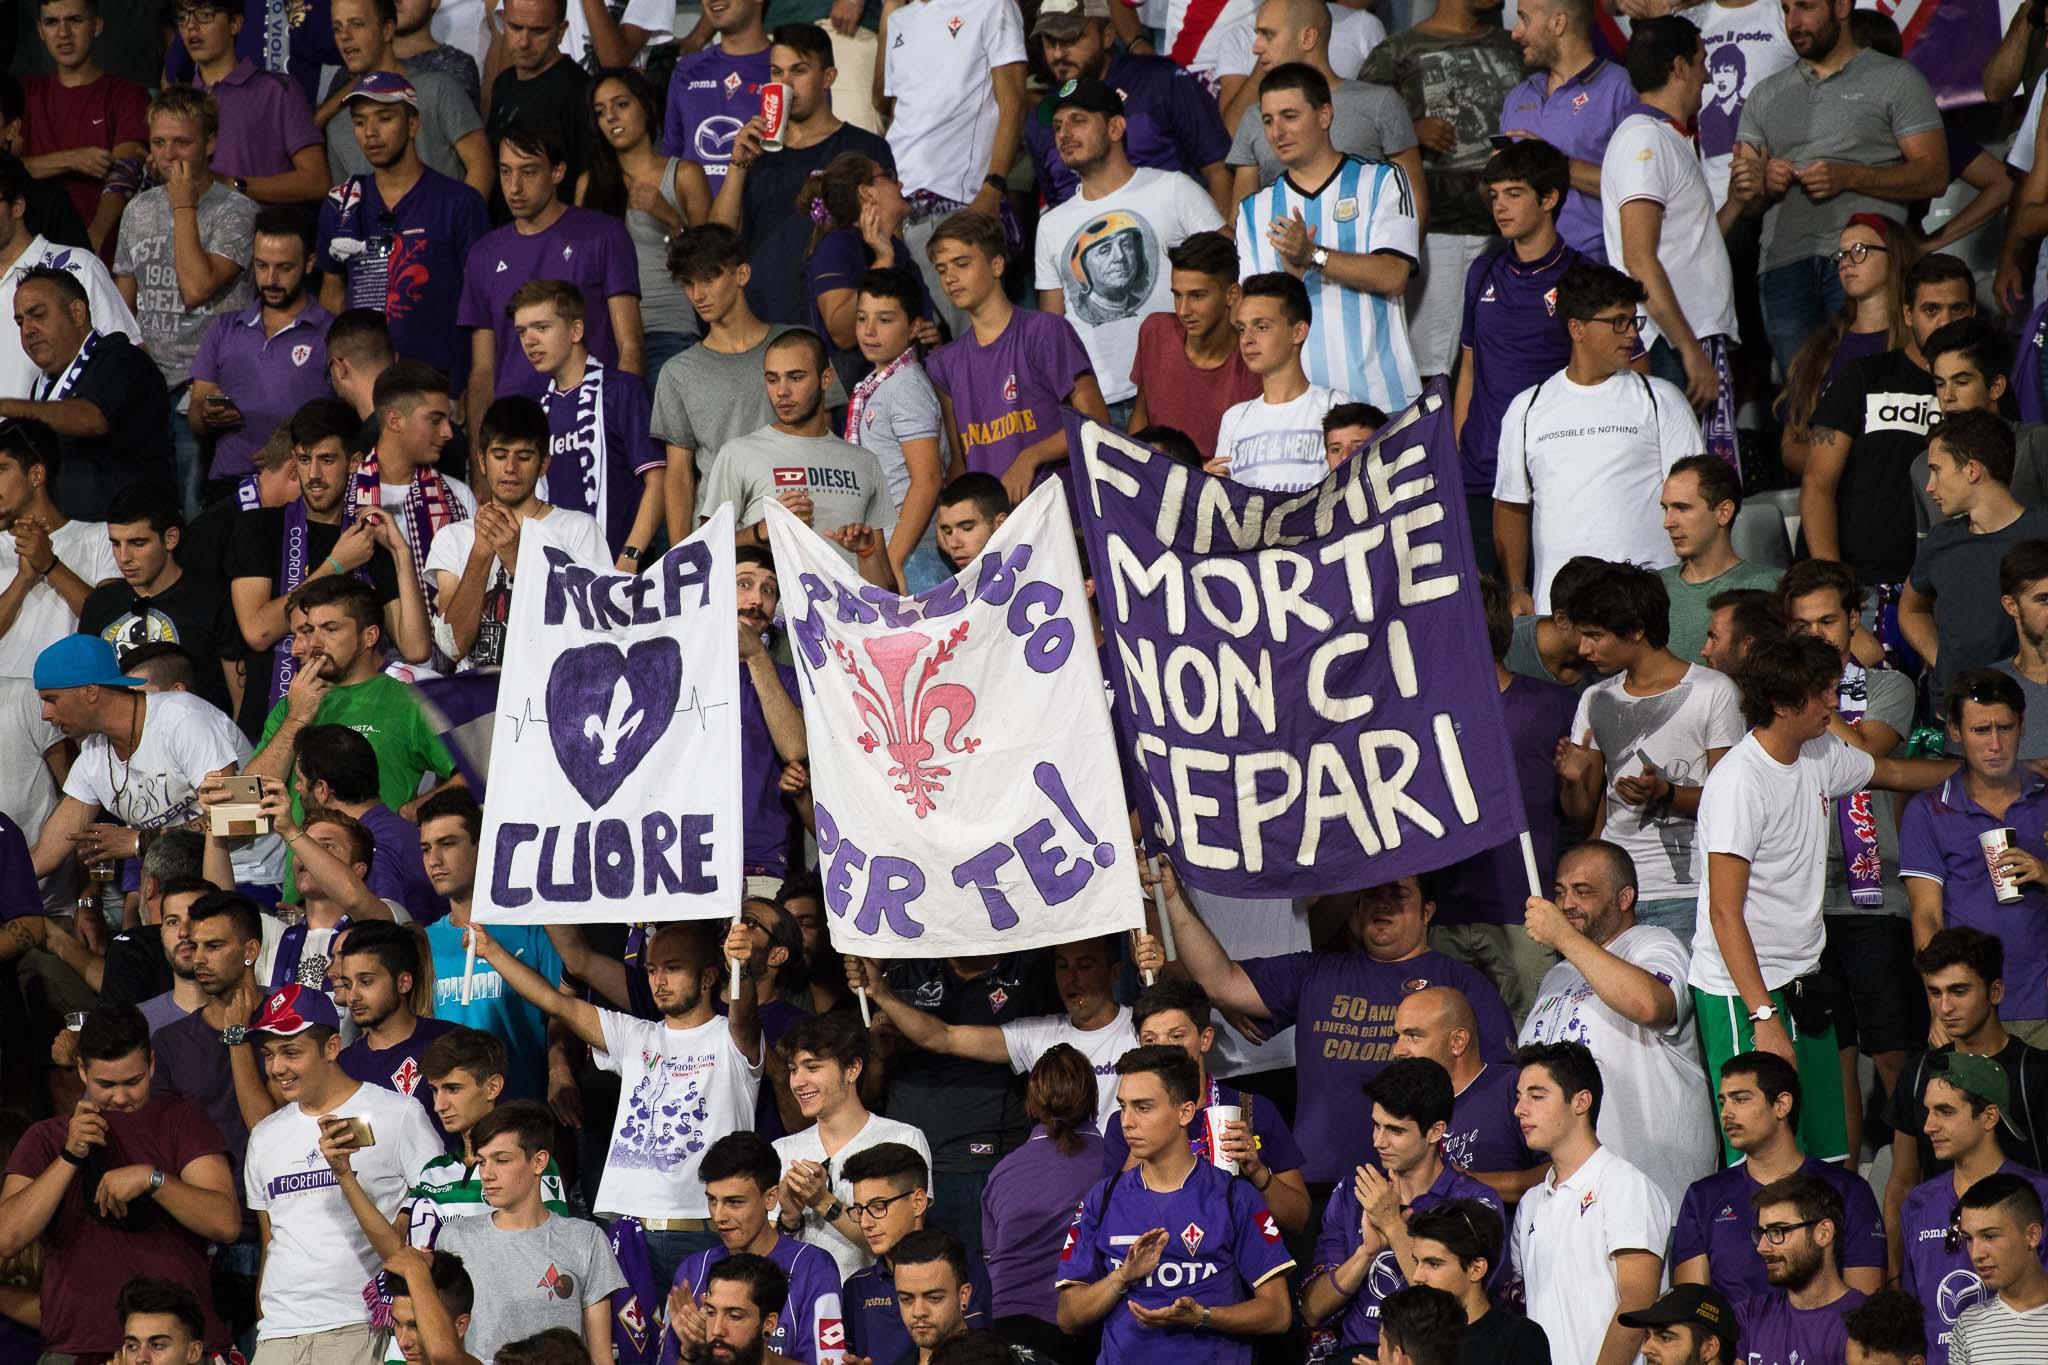 Puniti e multati per uno striscione contro Cognigni. La Fiesole sciopera nei primi 5 minuti di Fiorentina – Roma